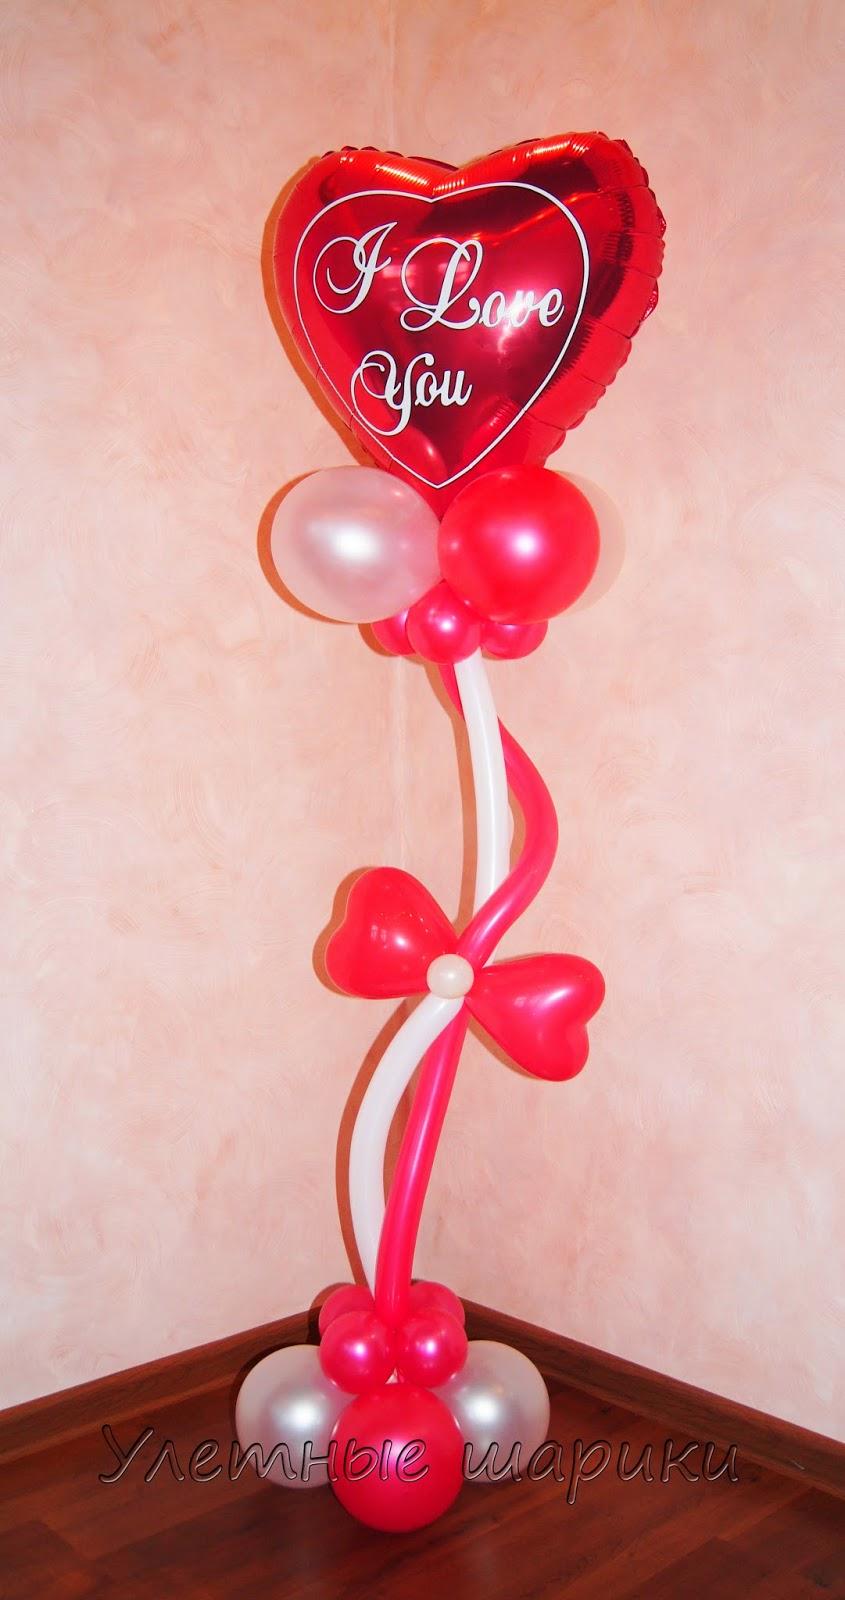 Композиция с сердечком из воздушных шаров